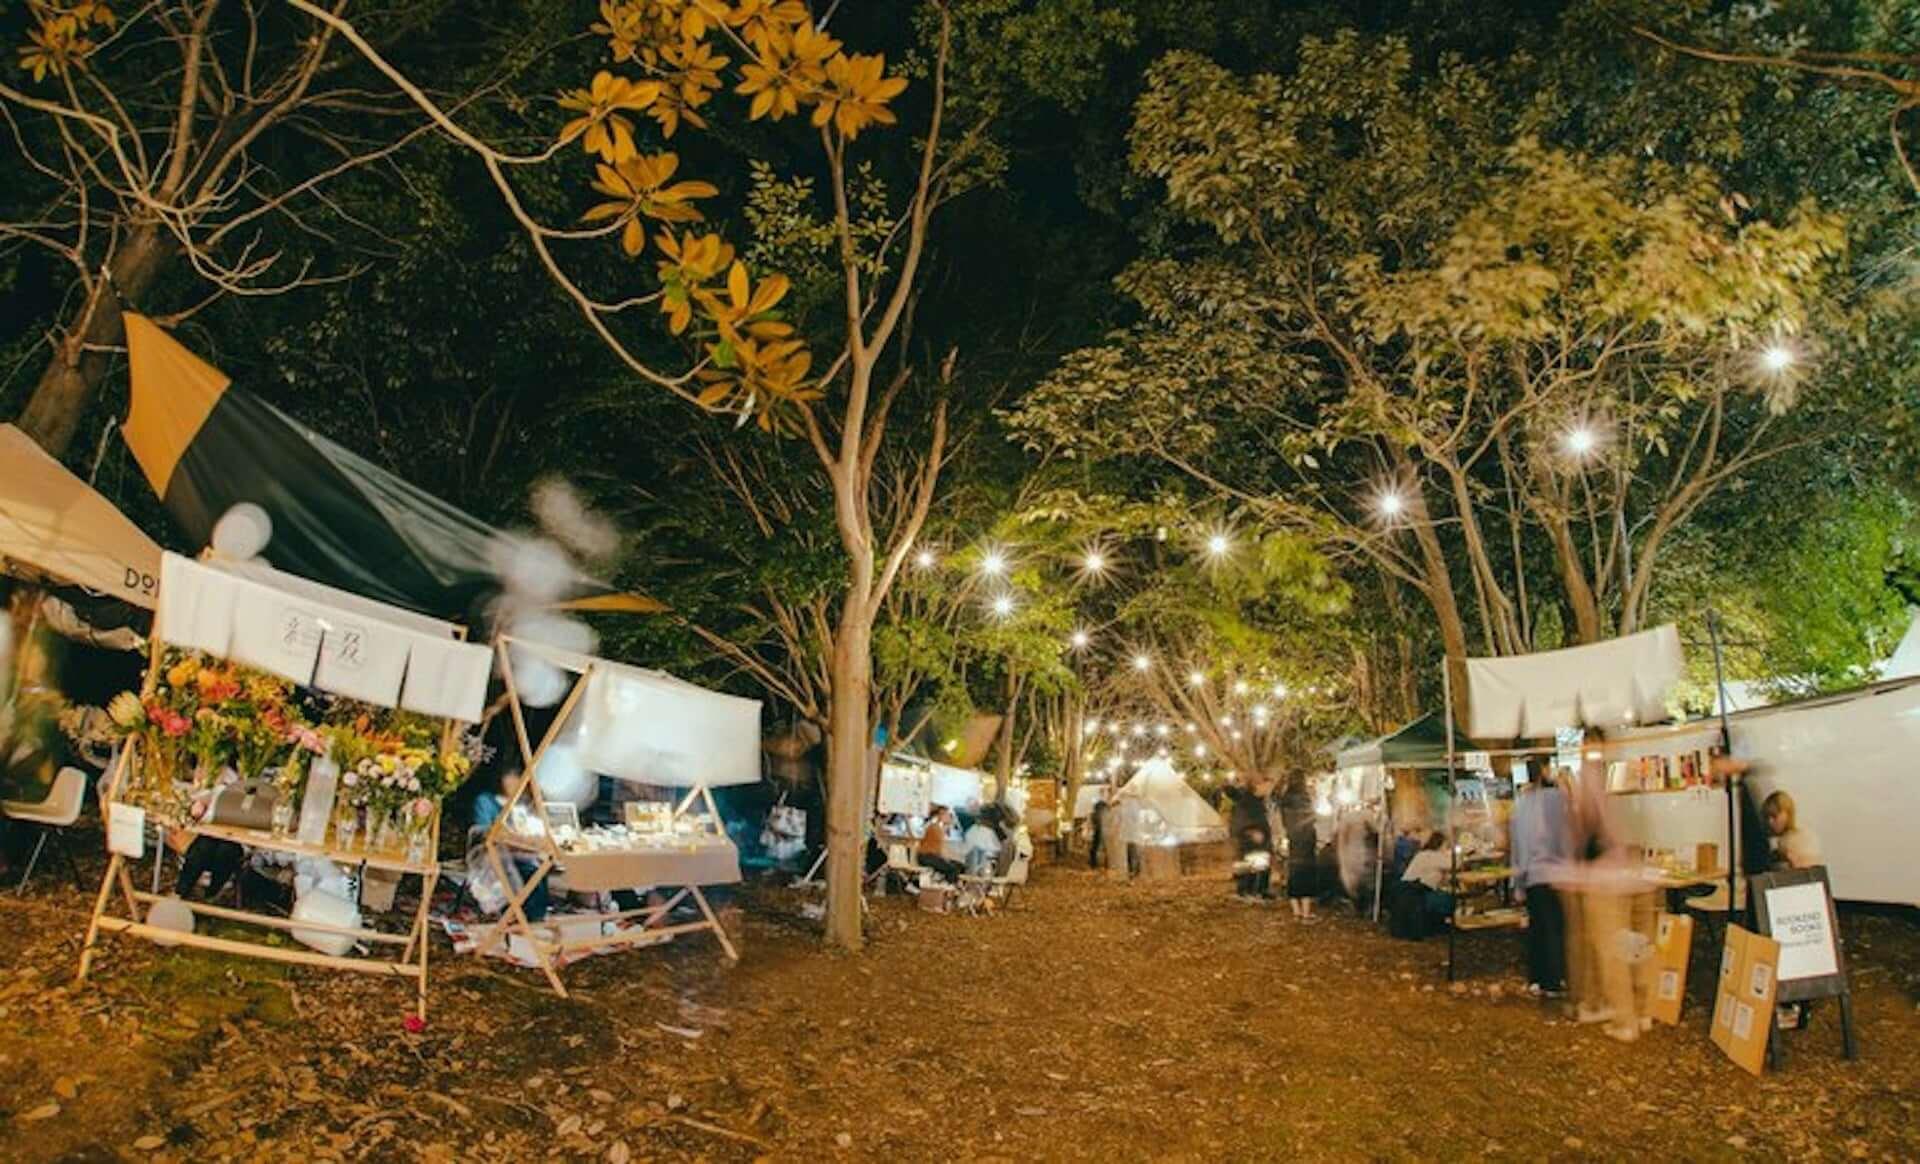 静岡の泊まれる公園「INN THE PARK」が野外ステージ設置クラウドファンディングを実施中!Tシャツや宿泊券などリターン多数 art200717_innthepark_4-1920x1164